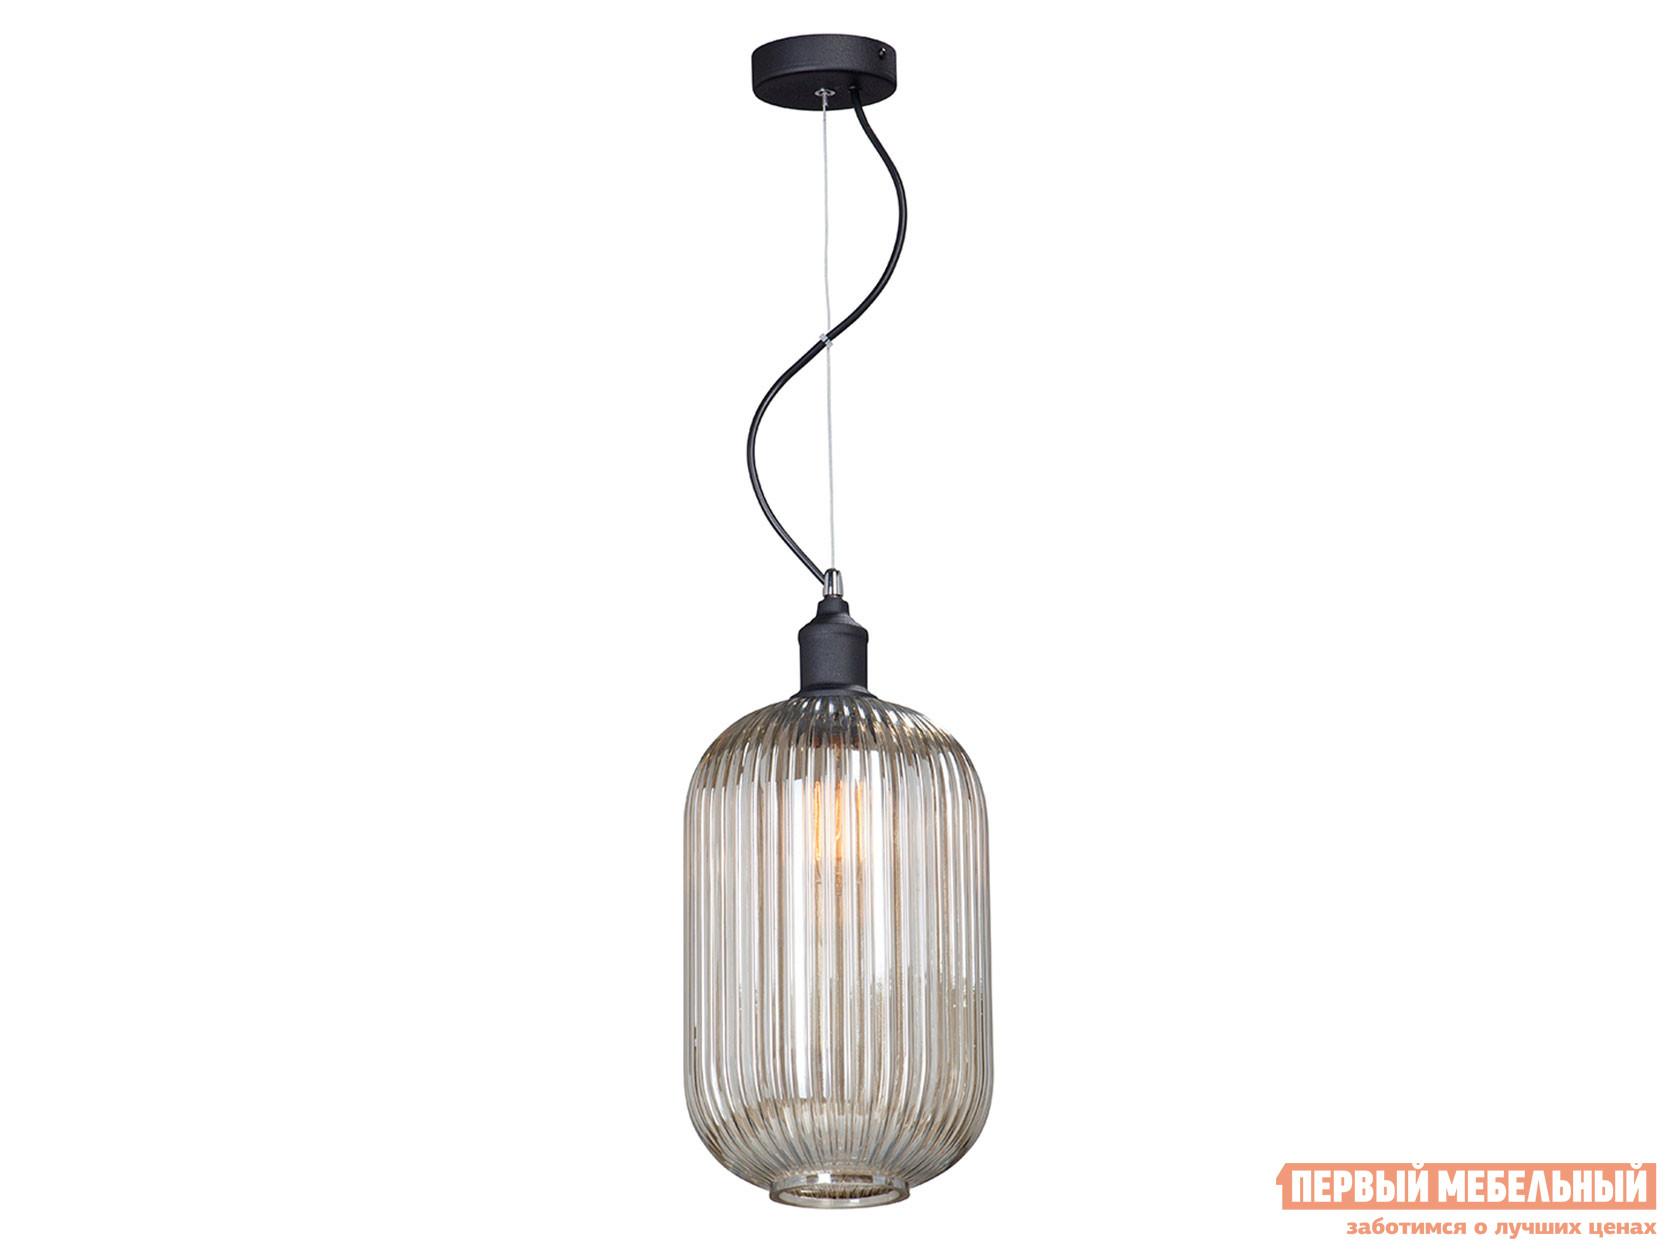 Подвесной светильник КСК-электро Люстра V4842-1/1S